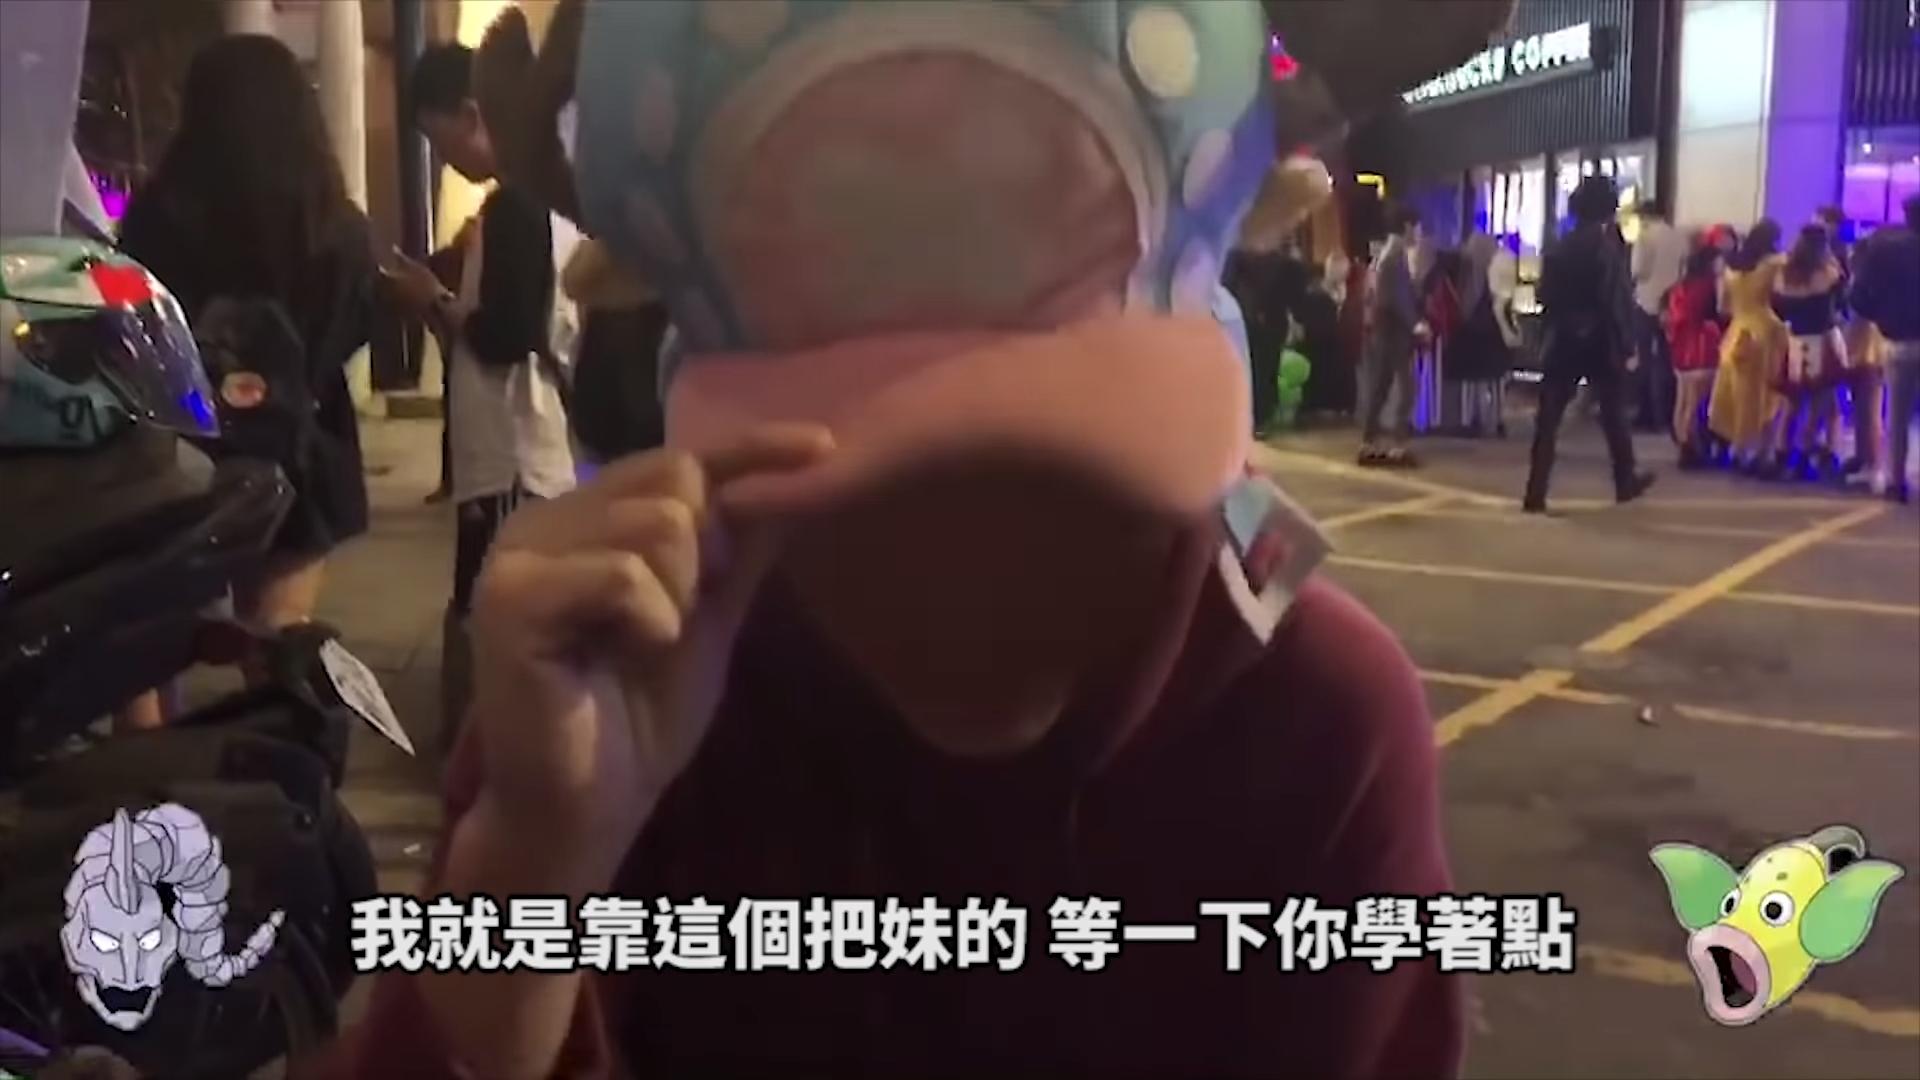 【有片】台灣YouTuber夜店約砲實測!帶妹回家掏「大岩蛇」無套灌漿!